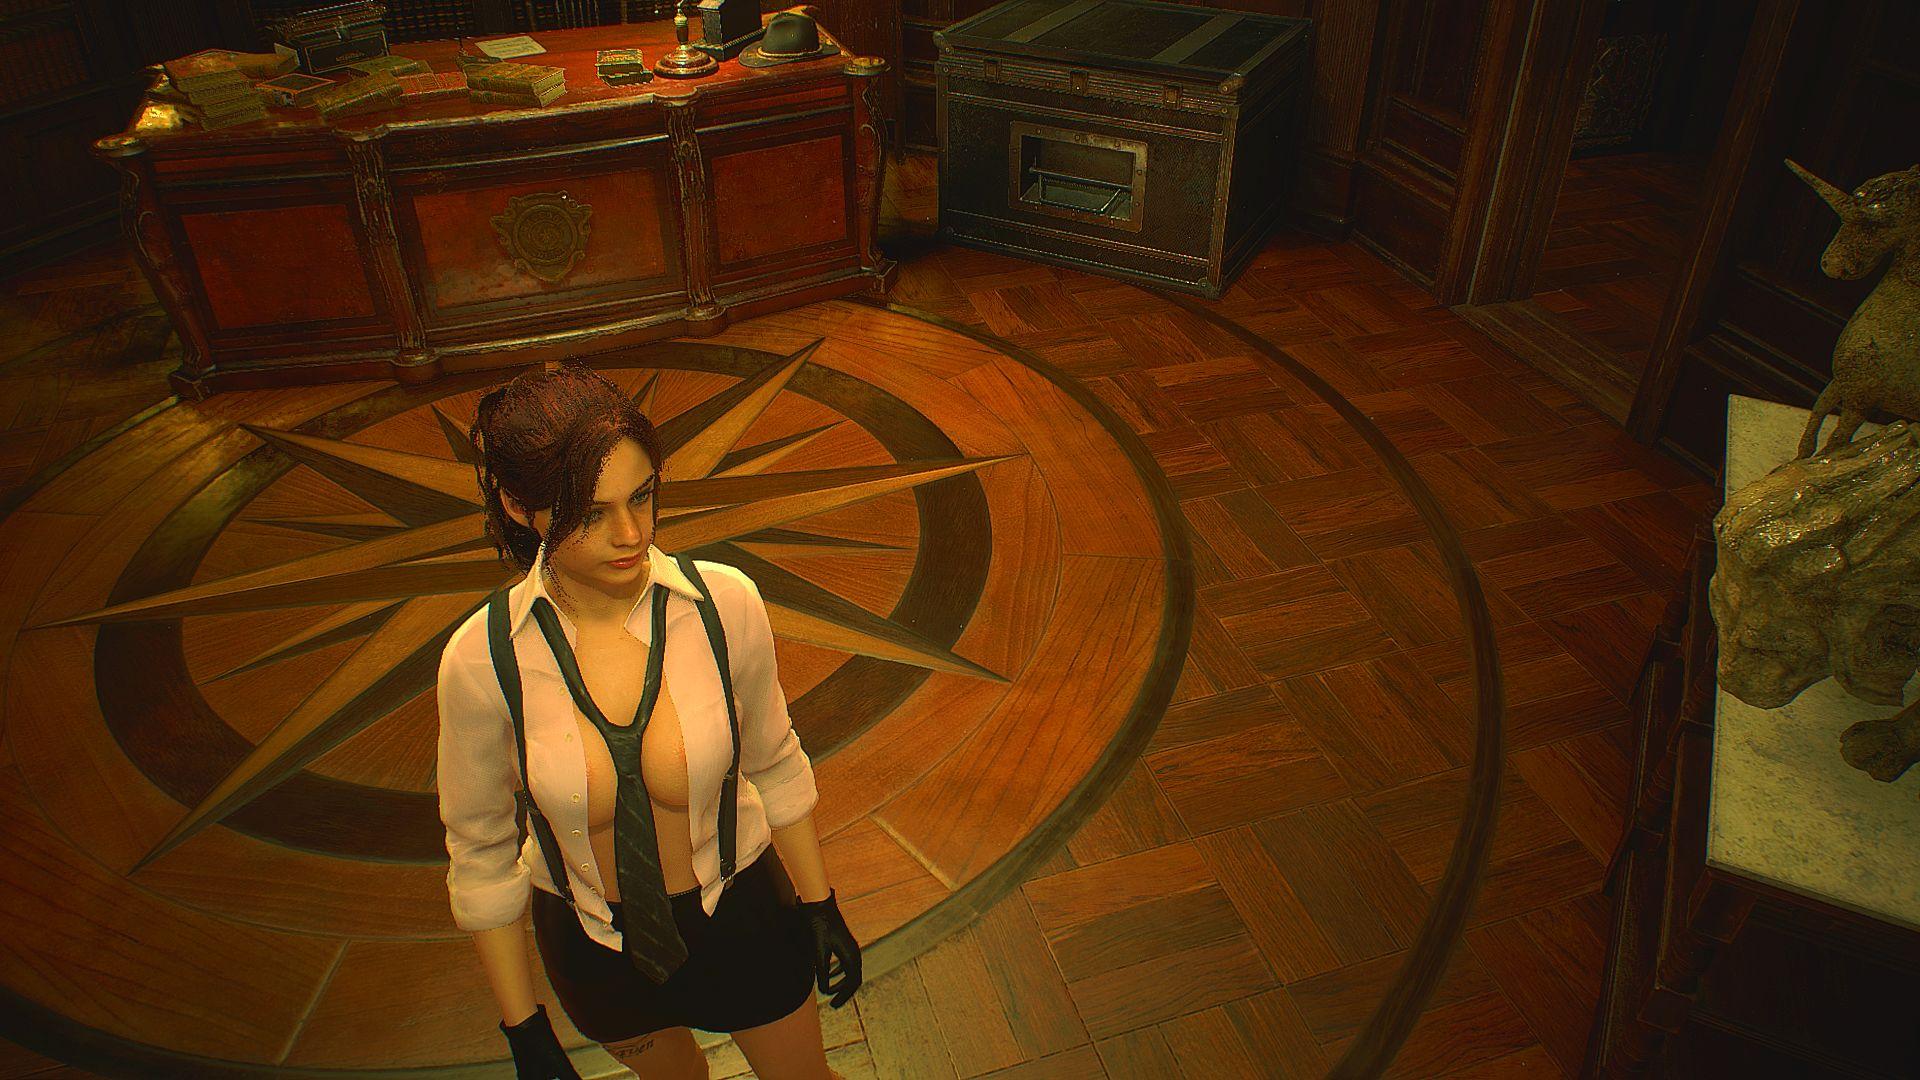 000778.Jpg - Resident Evil 2